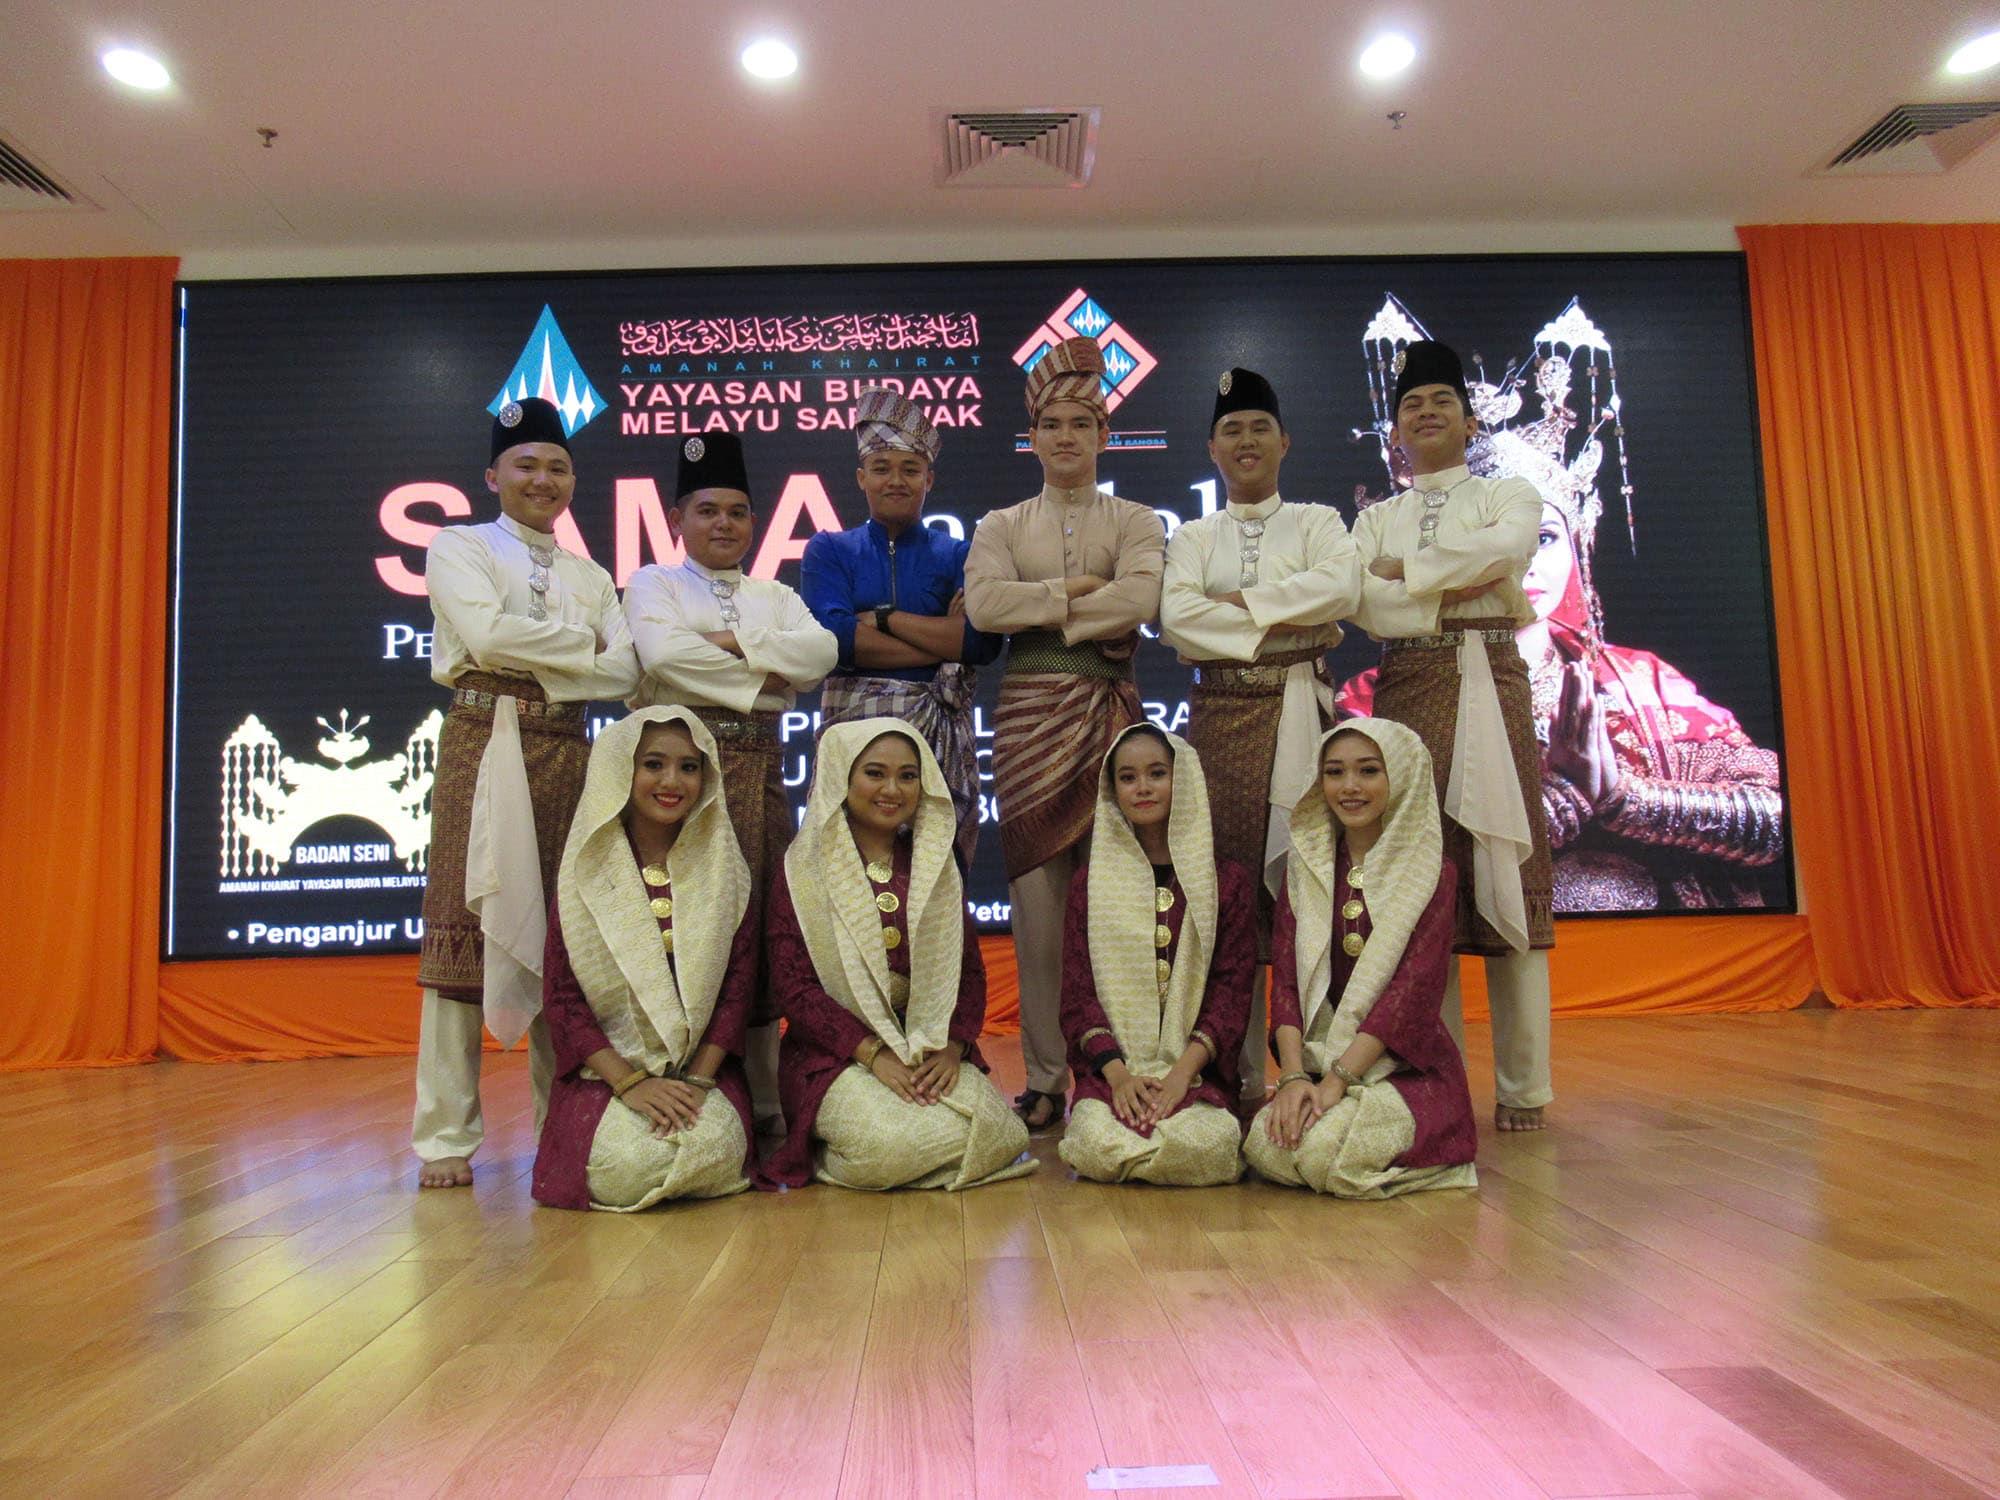 SAMAtandak Persembahan Tarian Melayu Sarawak 2020 Siri II: Mydin Petra Jaya